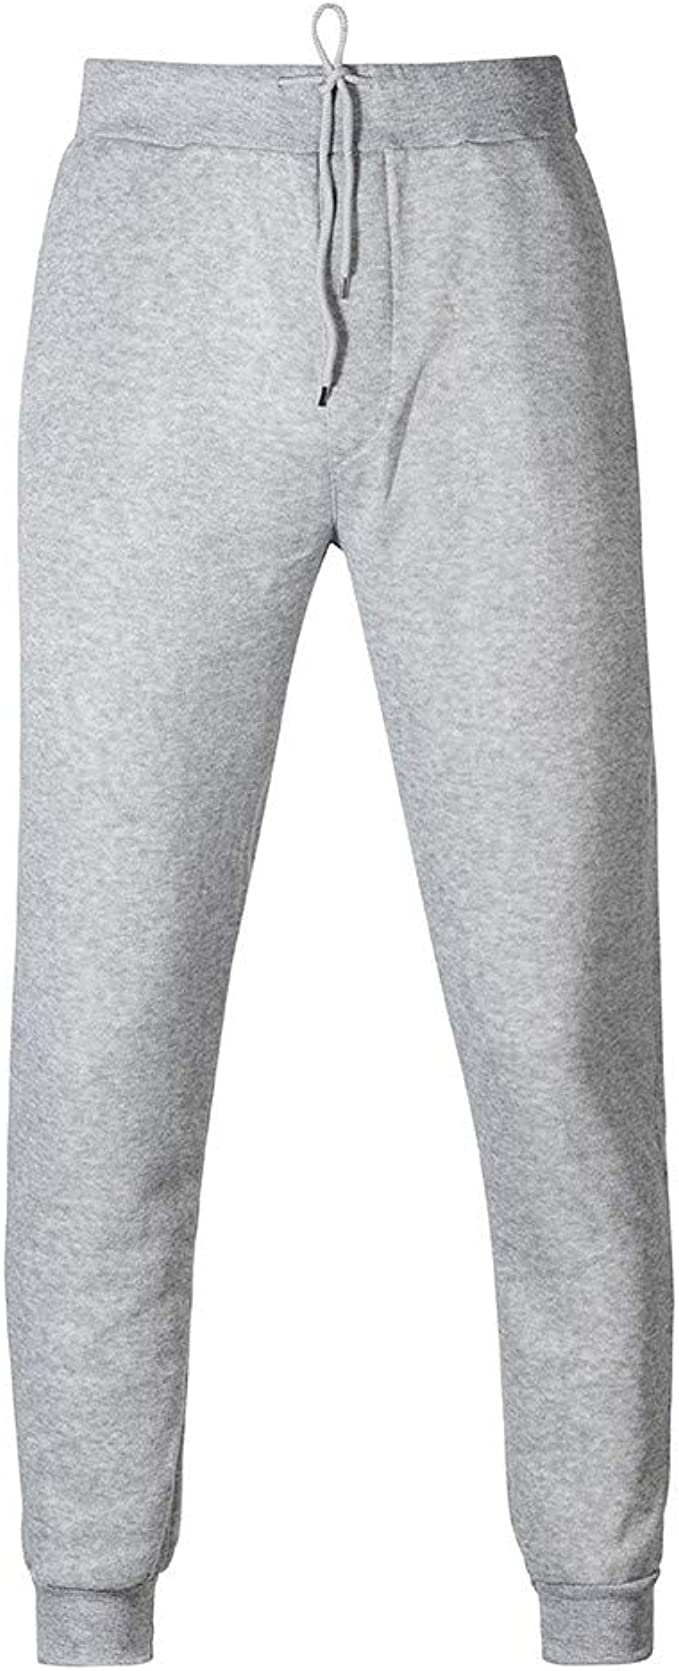 Pantalones de Sudadera de Bolsillo de otoño Invierno para ...